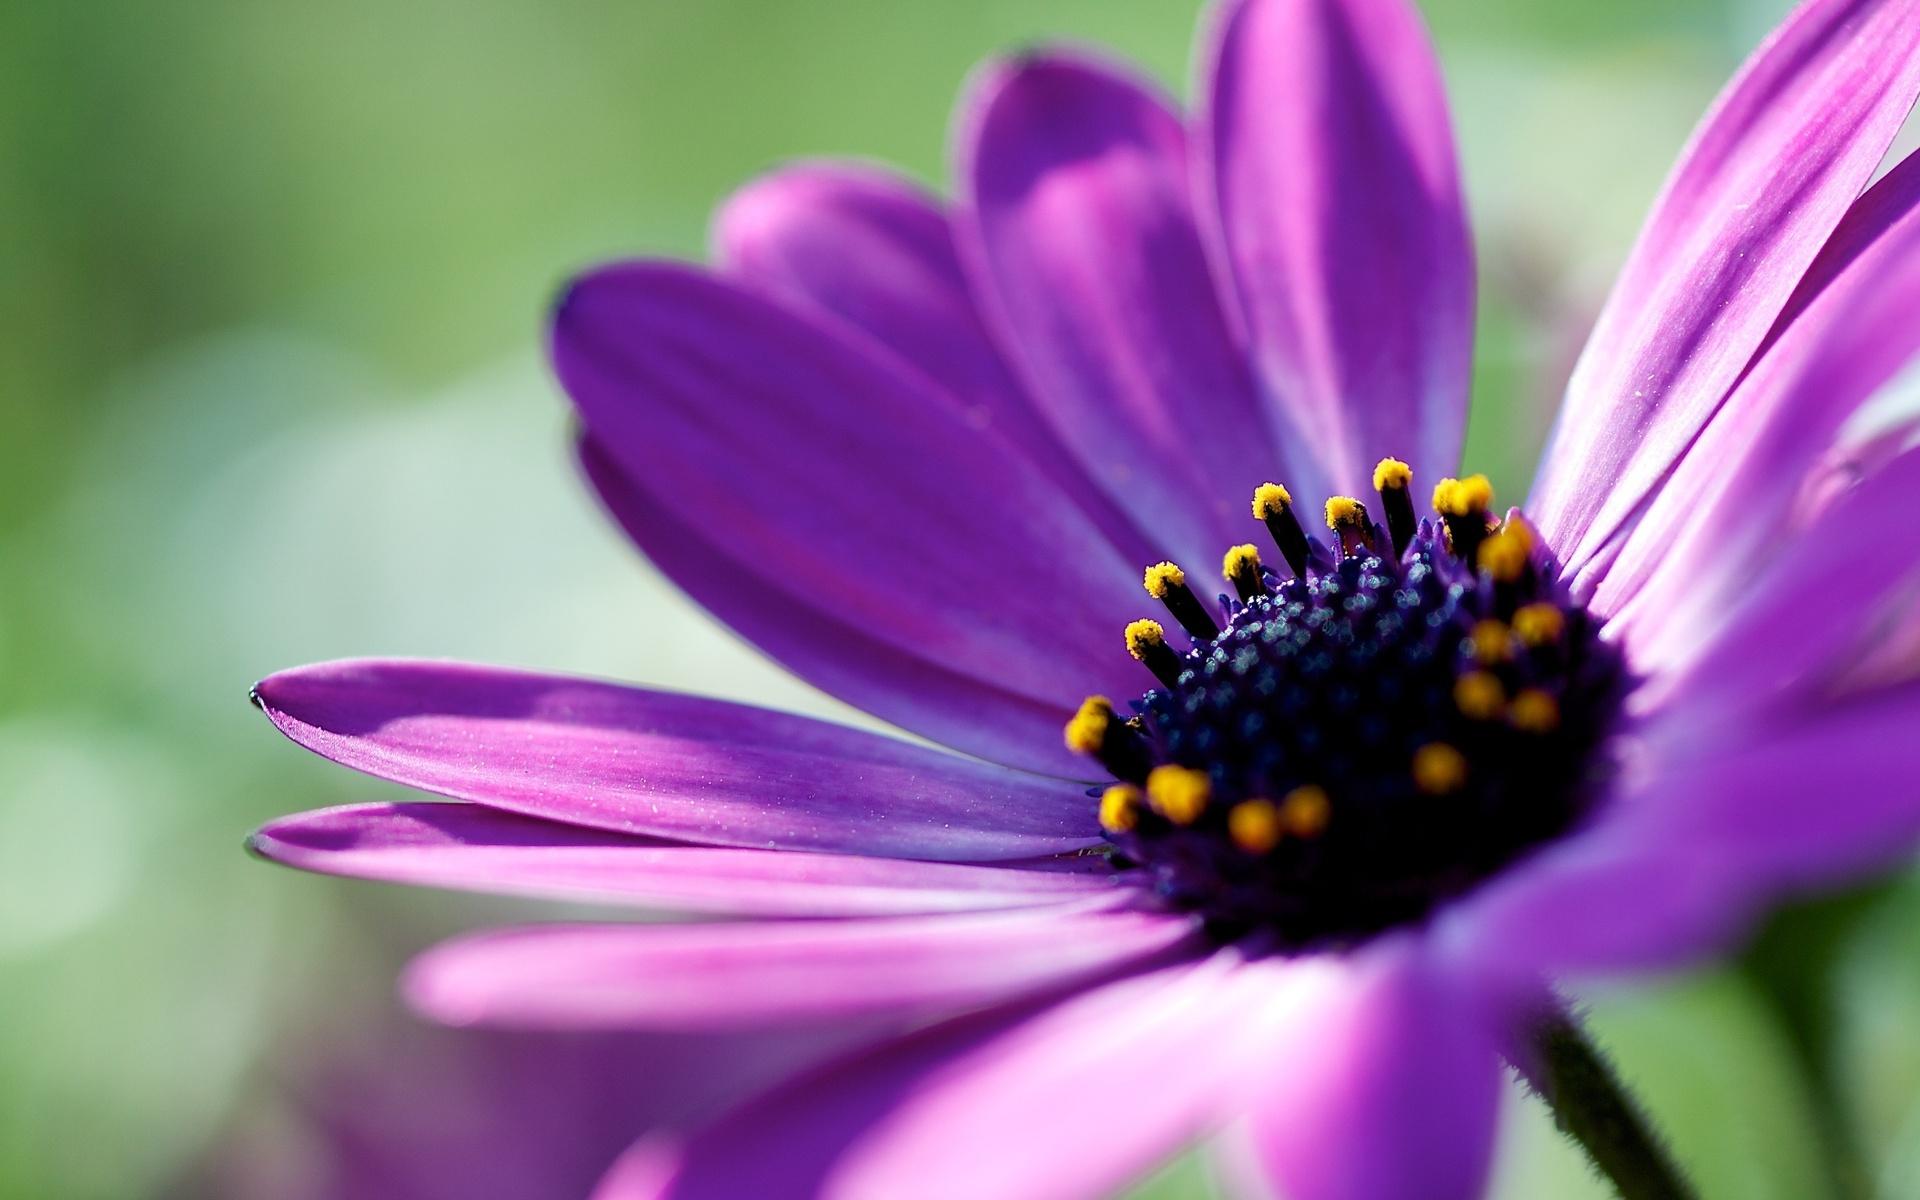 Funny Purple Flowers Hd Wallpaper: Purple Flower Wallpapers HD